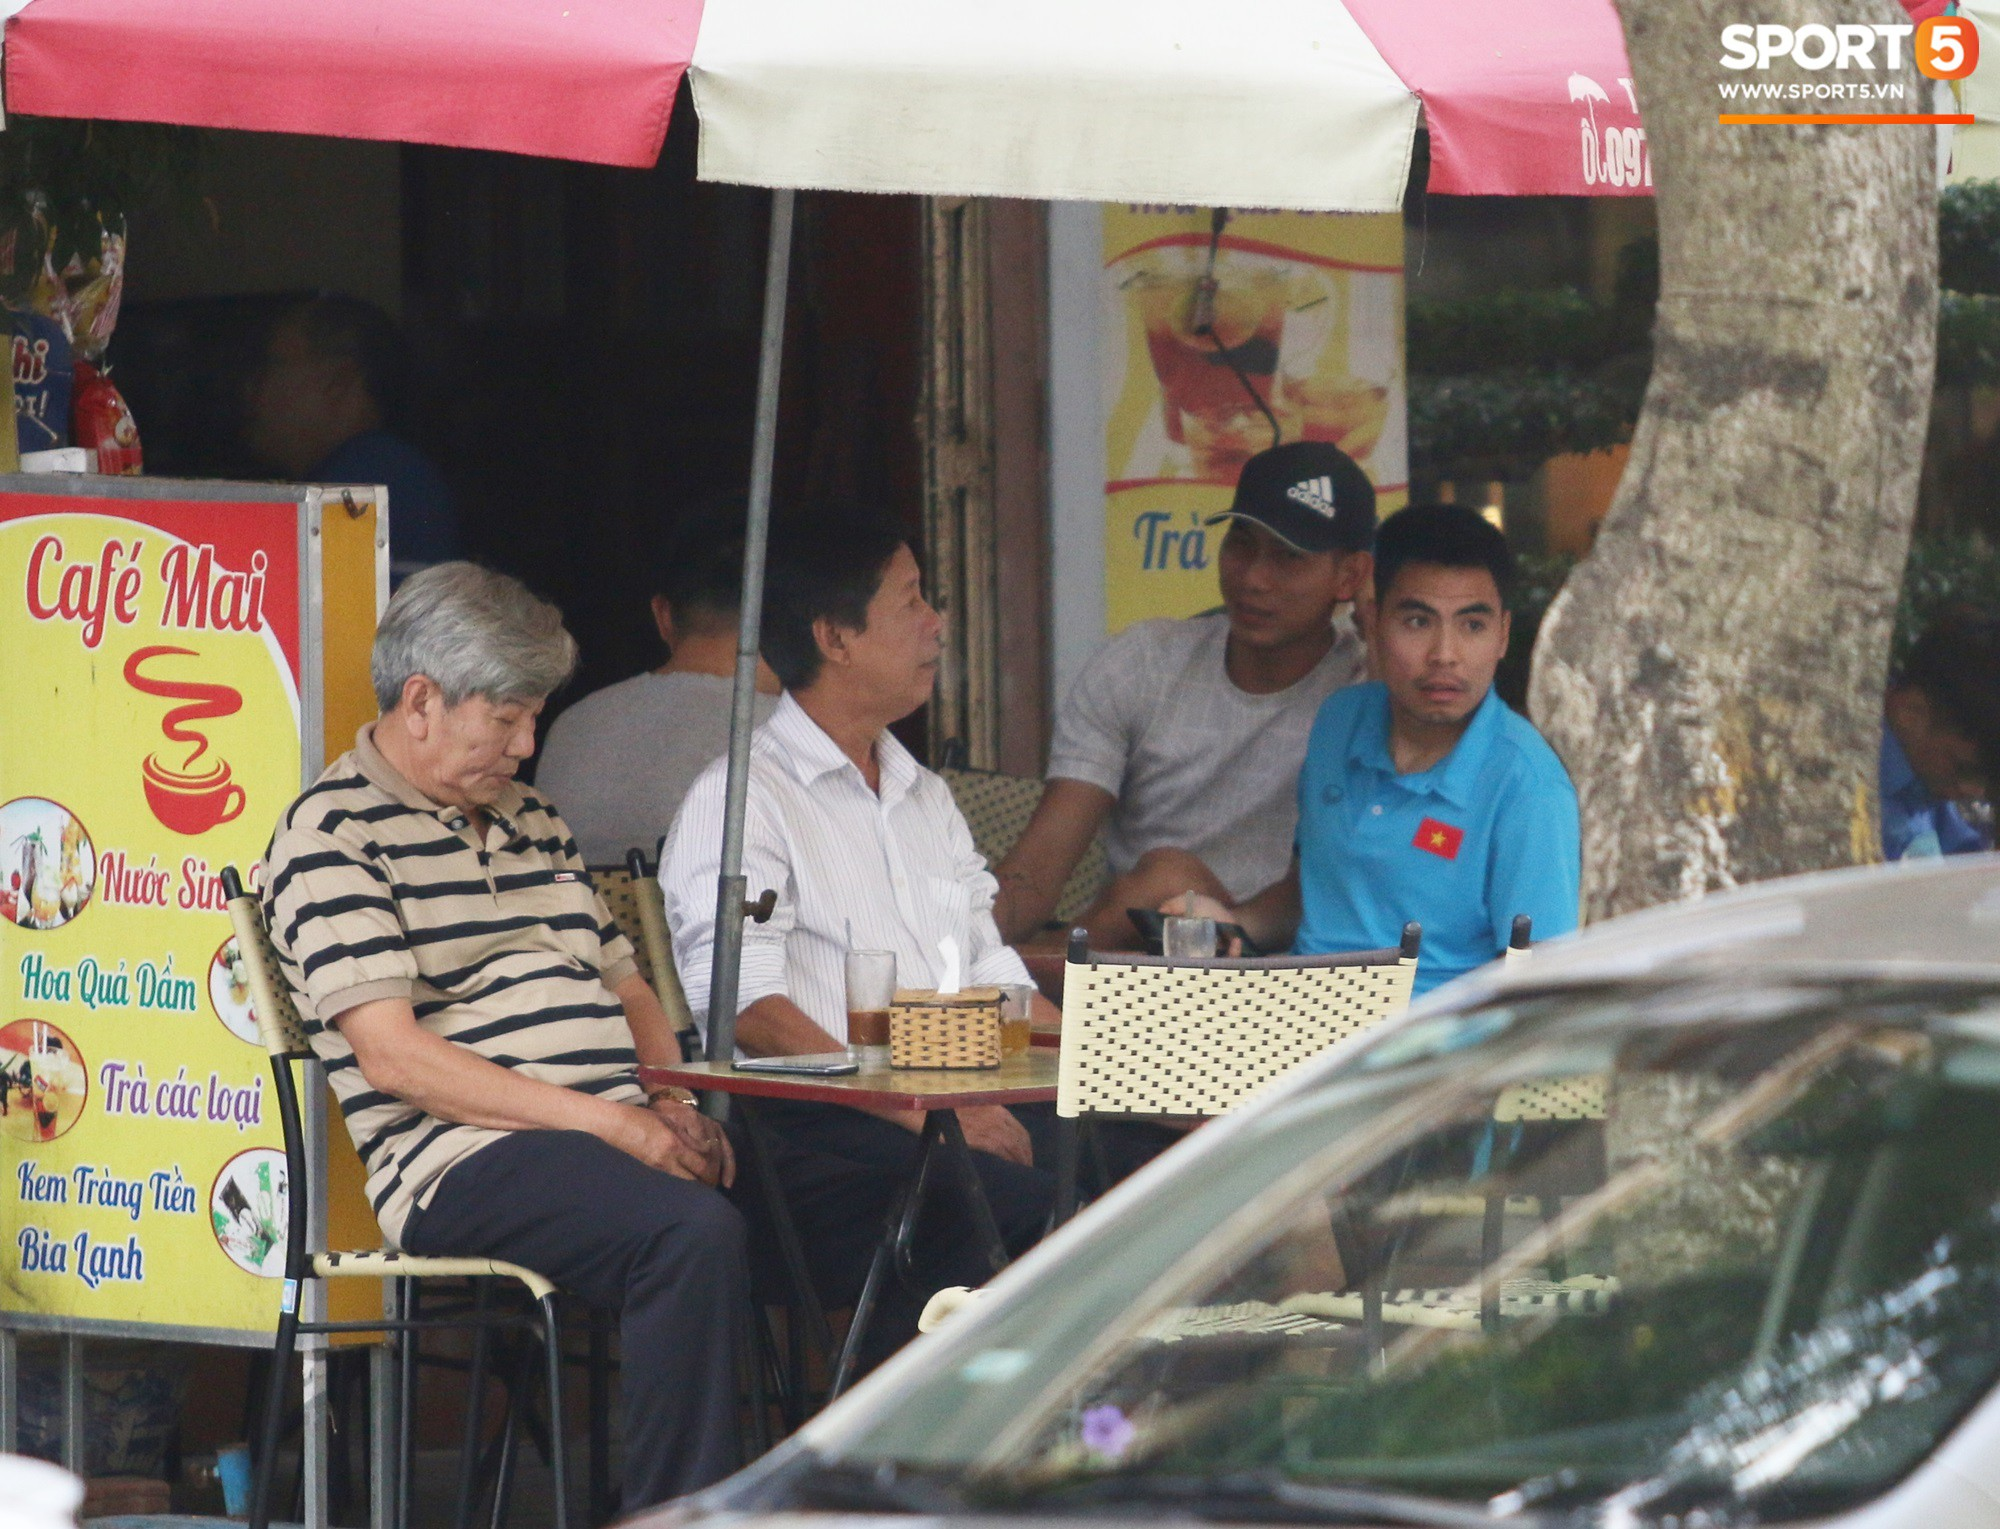 Tuyển Việt Nam bận rộn trong buổi sáng nghỉ ngơi hiếm hoi trước trận bán kết AFF Cup 2018 - Ảnh 8.